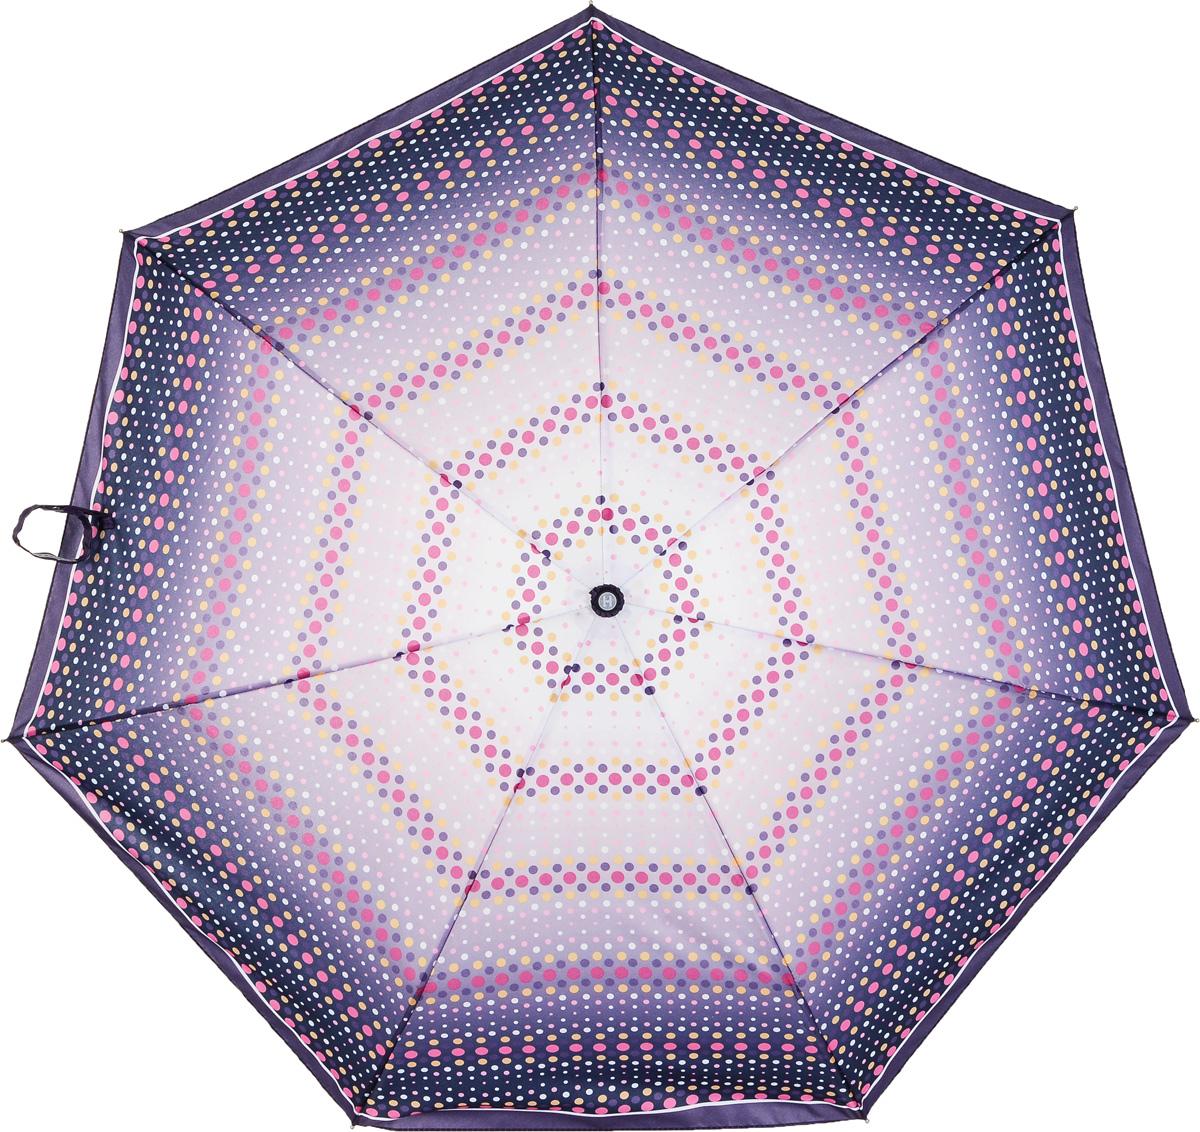 Зонт женский Henry Backer, 3 сложения, цвет: фиолетовый. U26203 PeasU26203 PeasНарядный женский зонт «Горох», автомат Наряду со сталью для каркаса использован алюминий и фибергласс, поэтому зонт достаточно легкий для зонтов-автоматов.